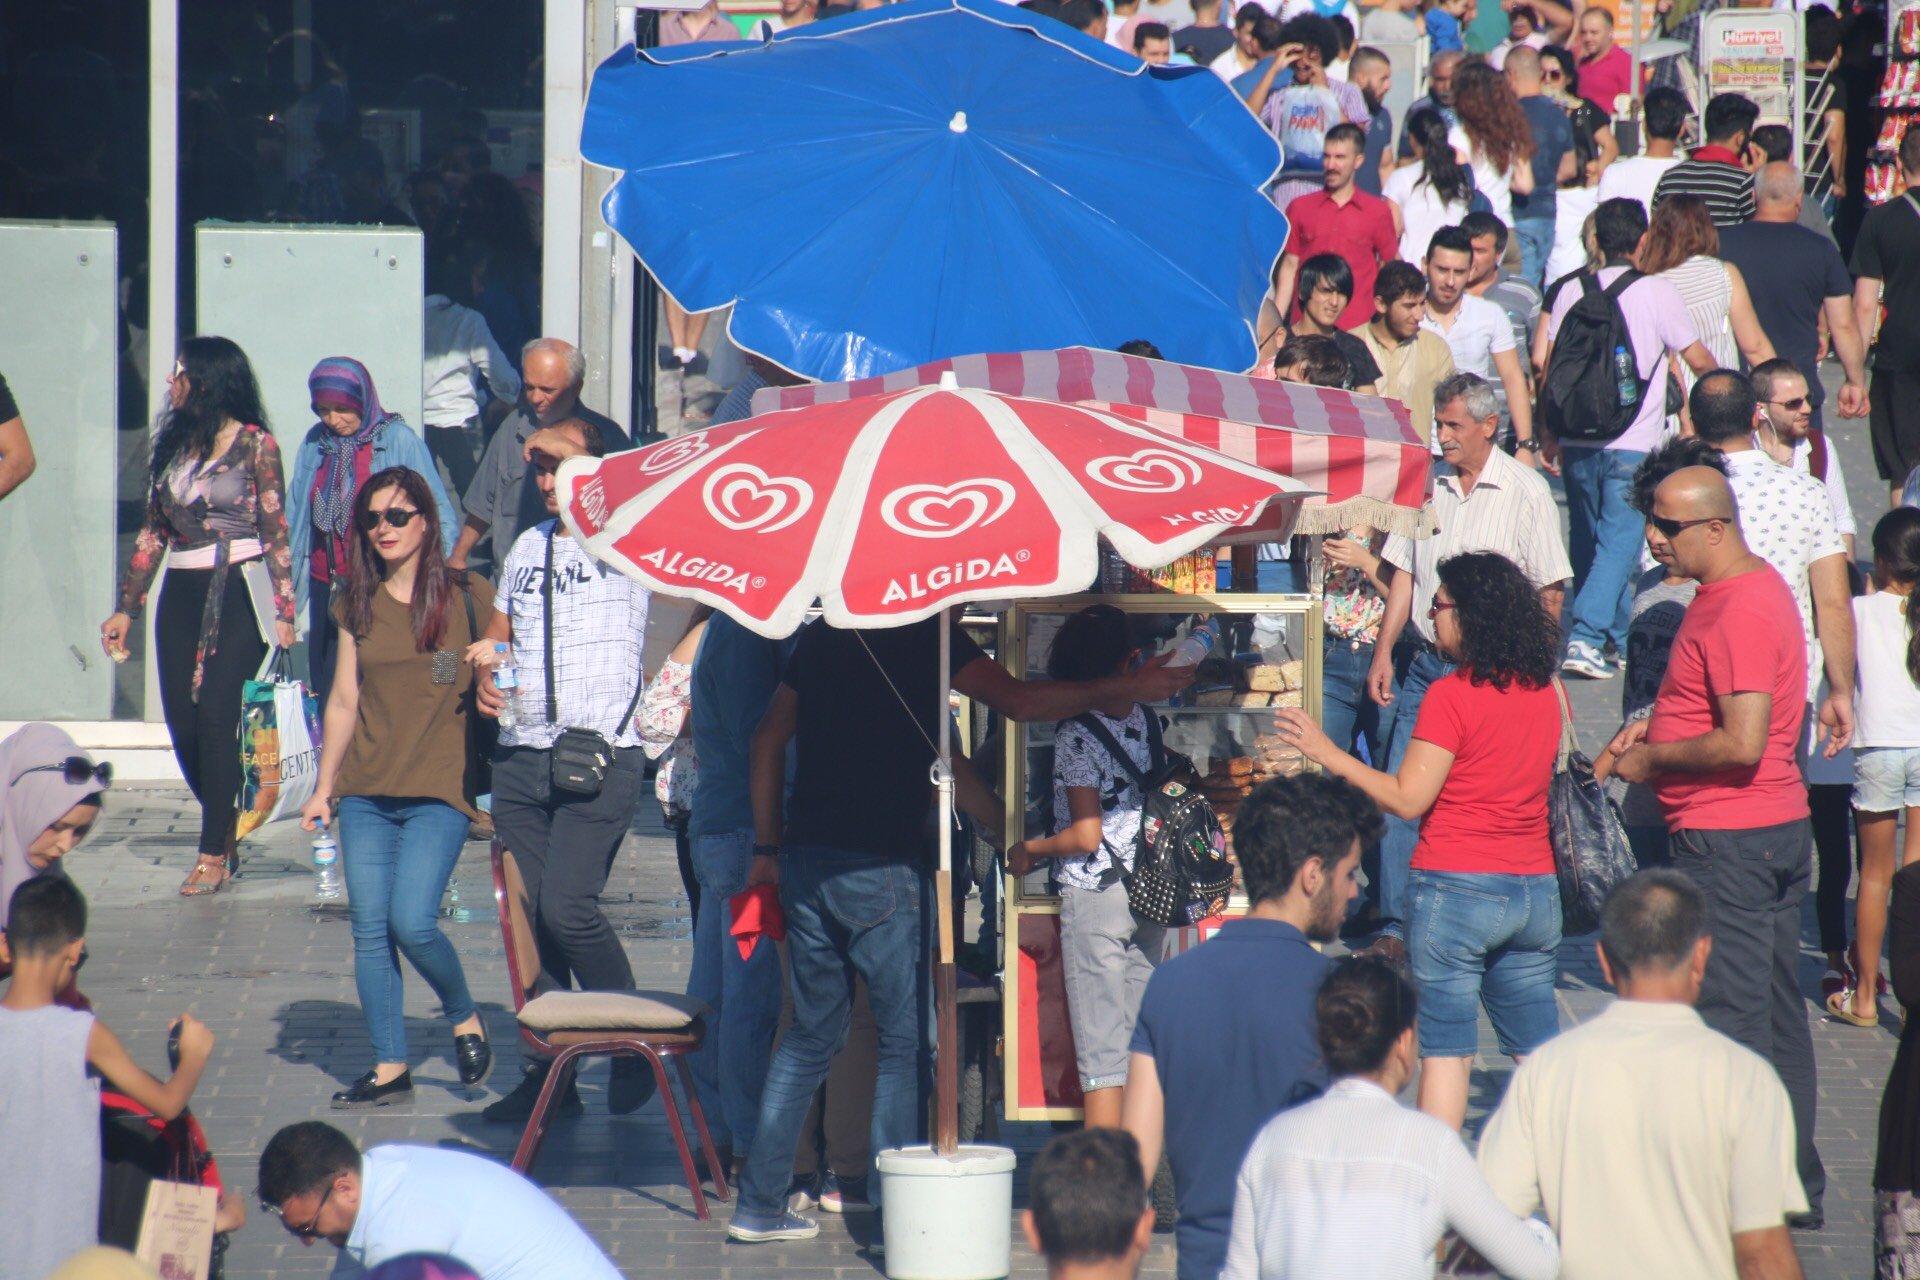 فلسطينيو الـ 48 يحتلون تركيا وحركة تجارية نشطة